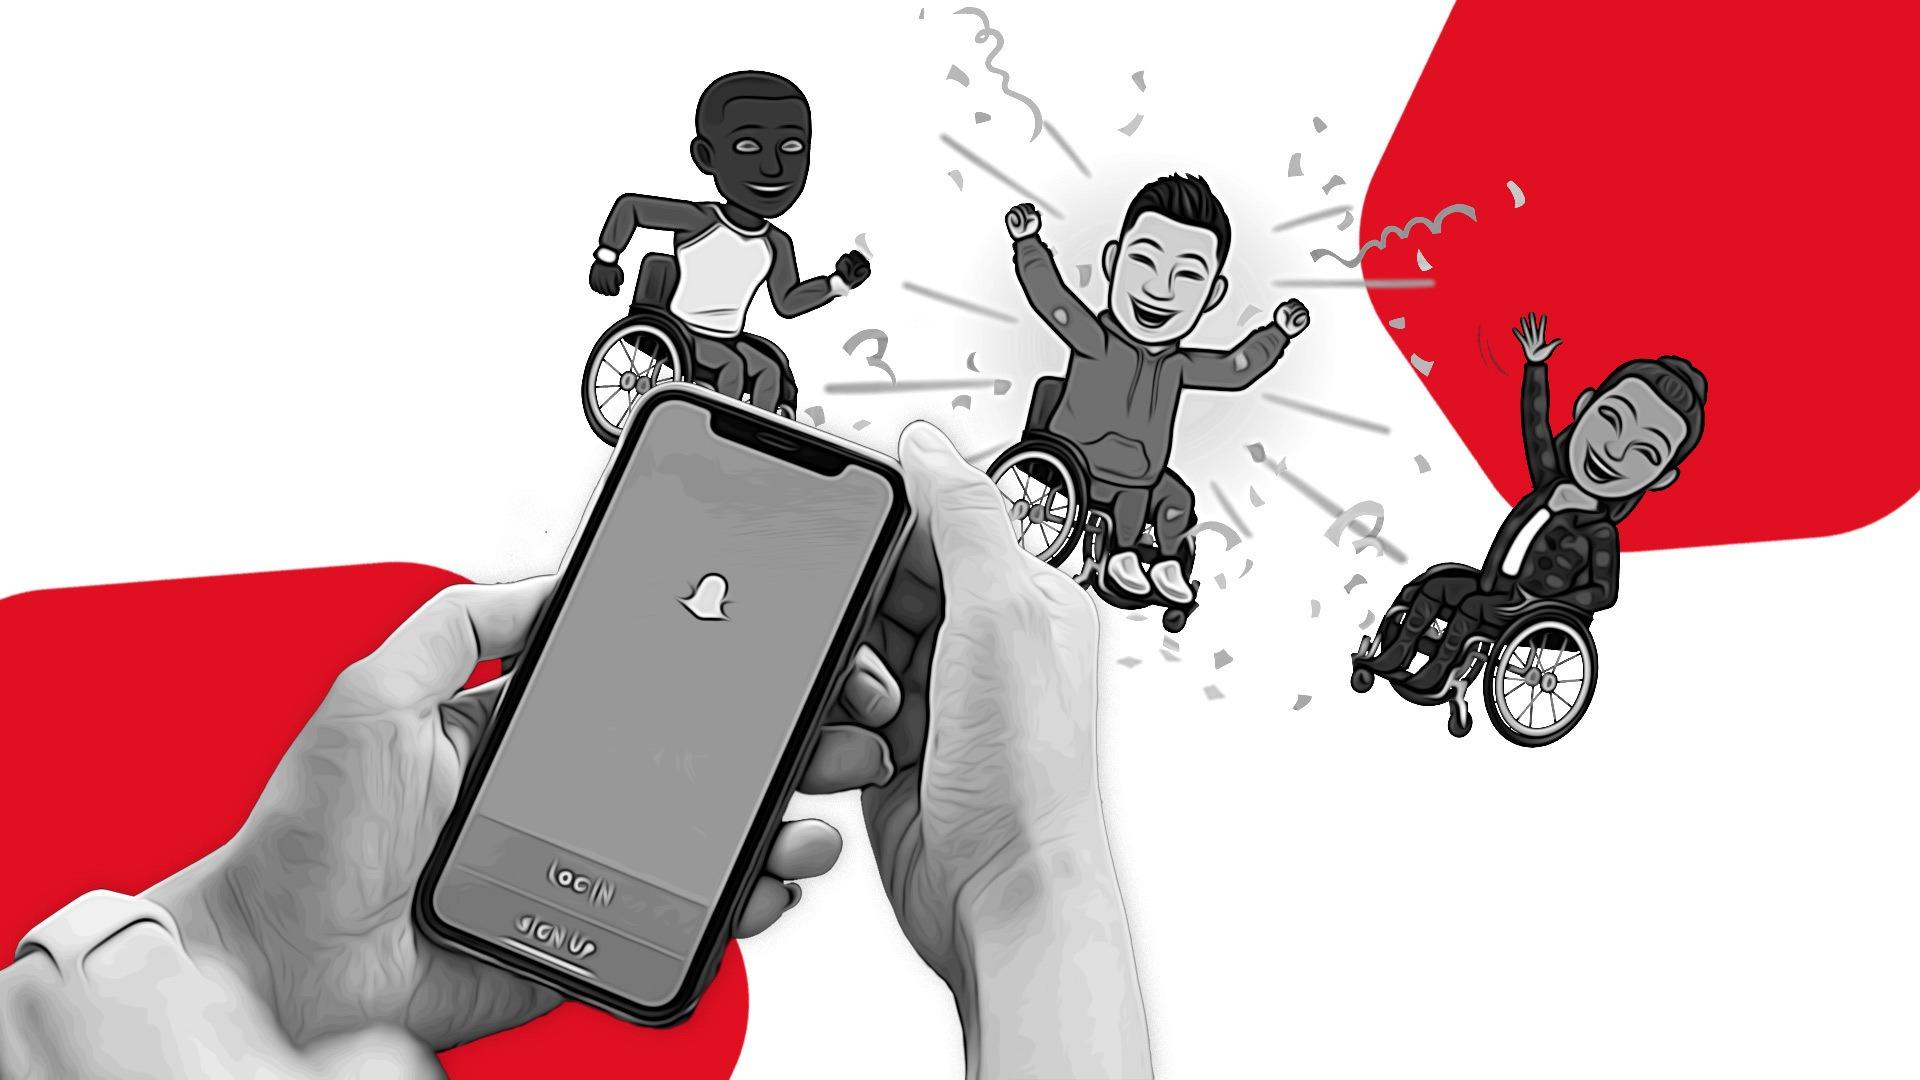 Snapchat e Bitmoji testano gli avatar Snapchatter in sedia a rotelle